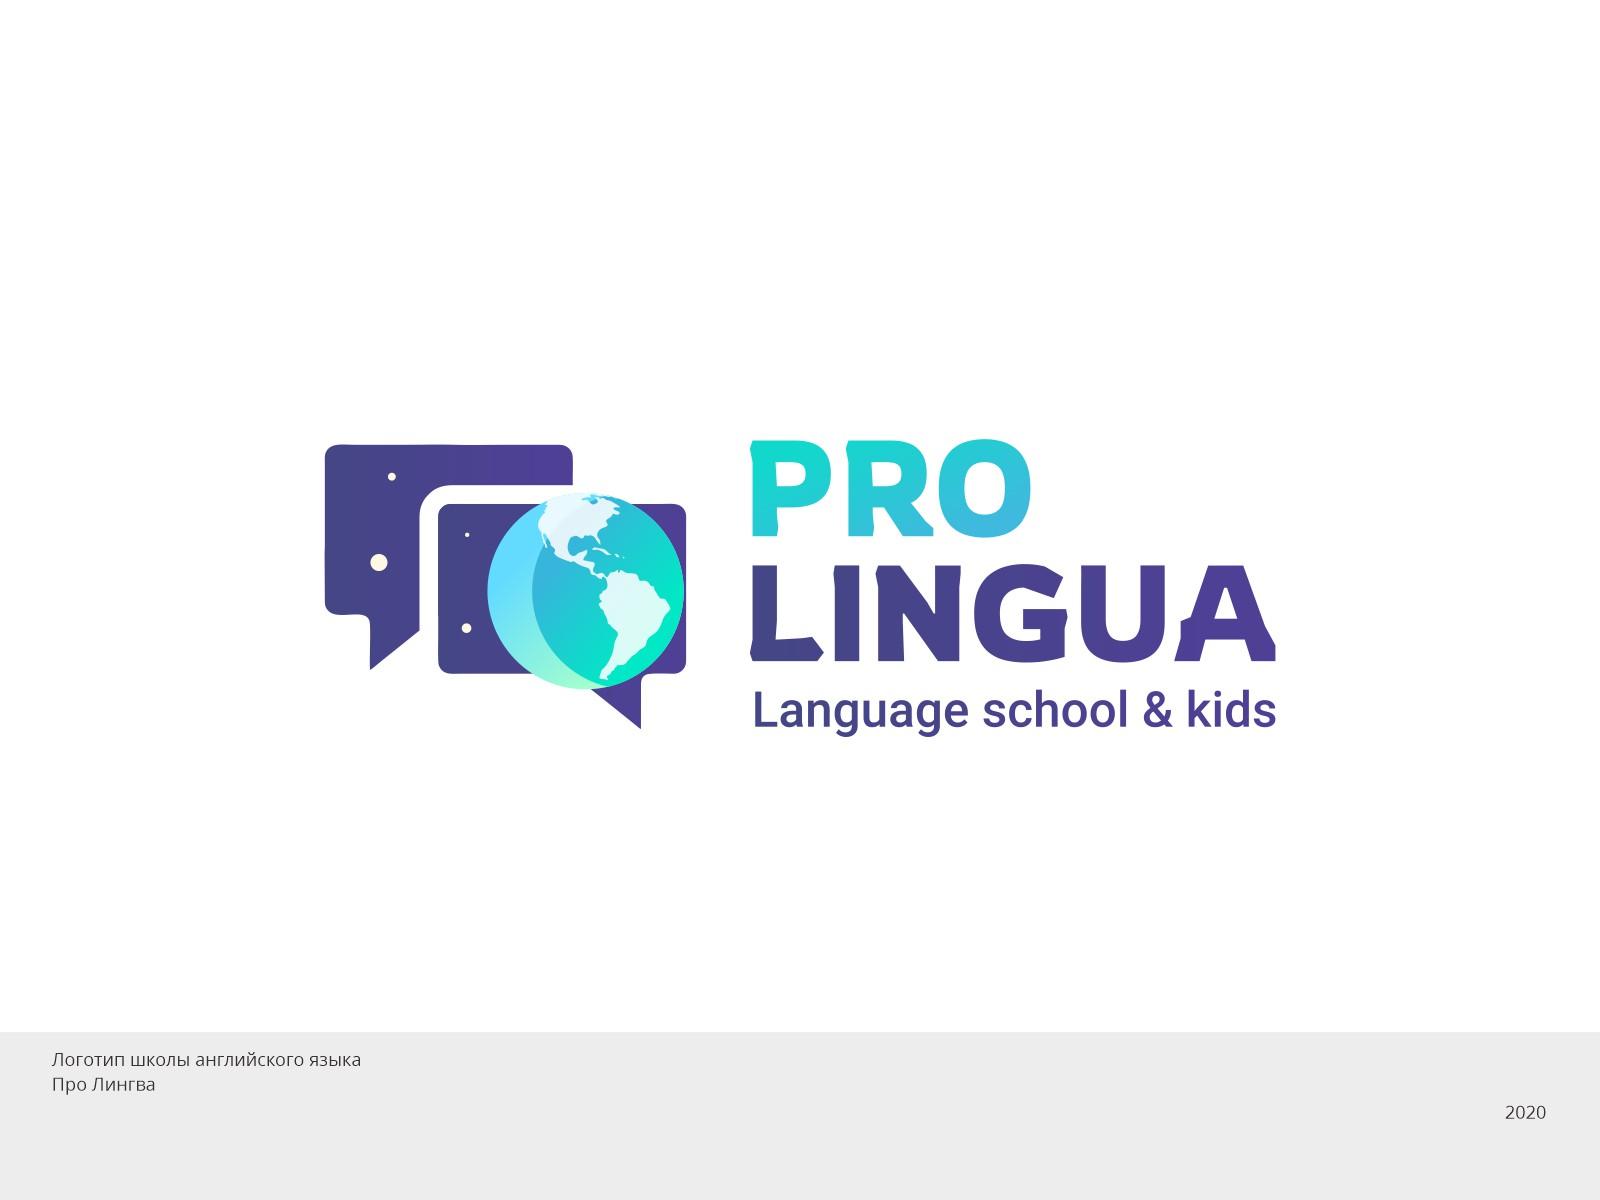 Логотип Про Лингва